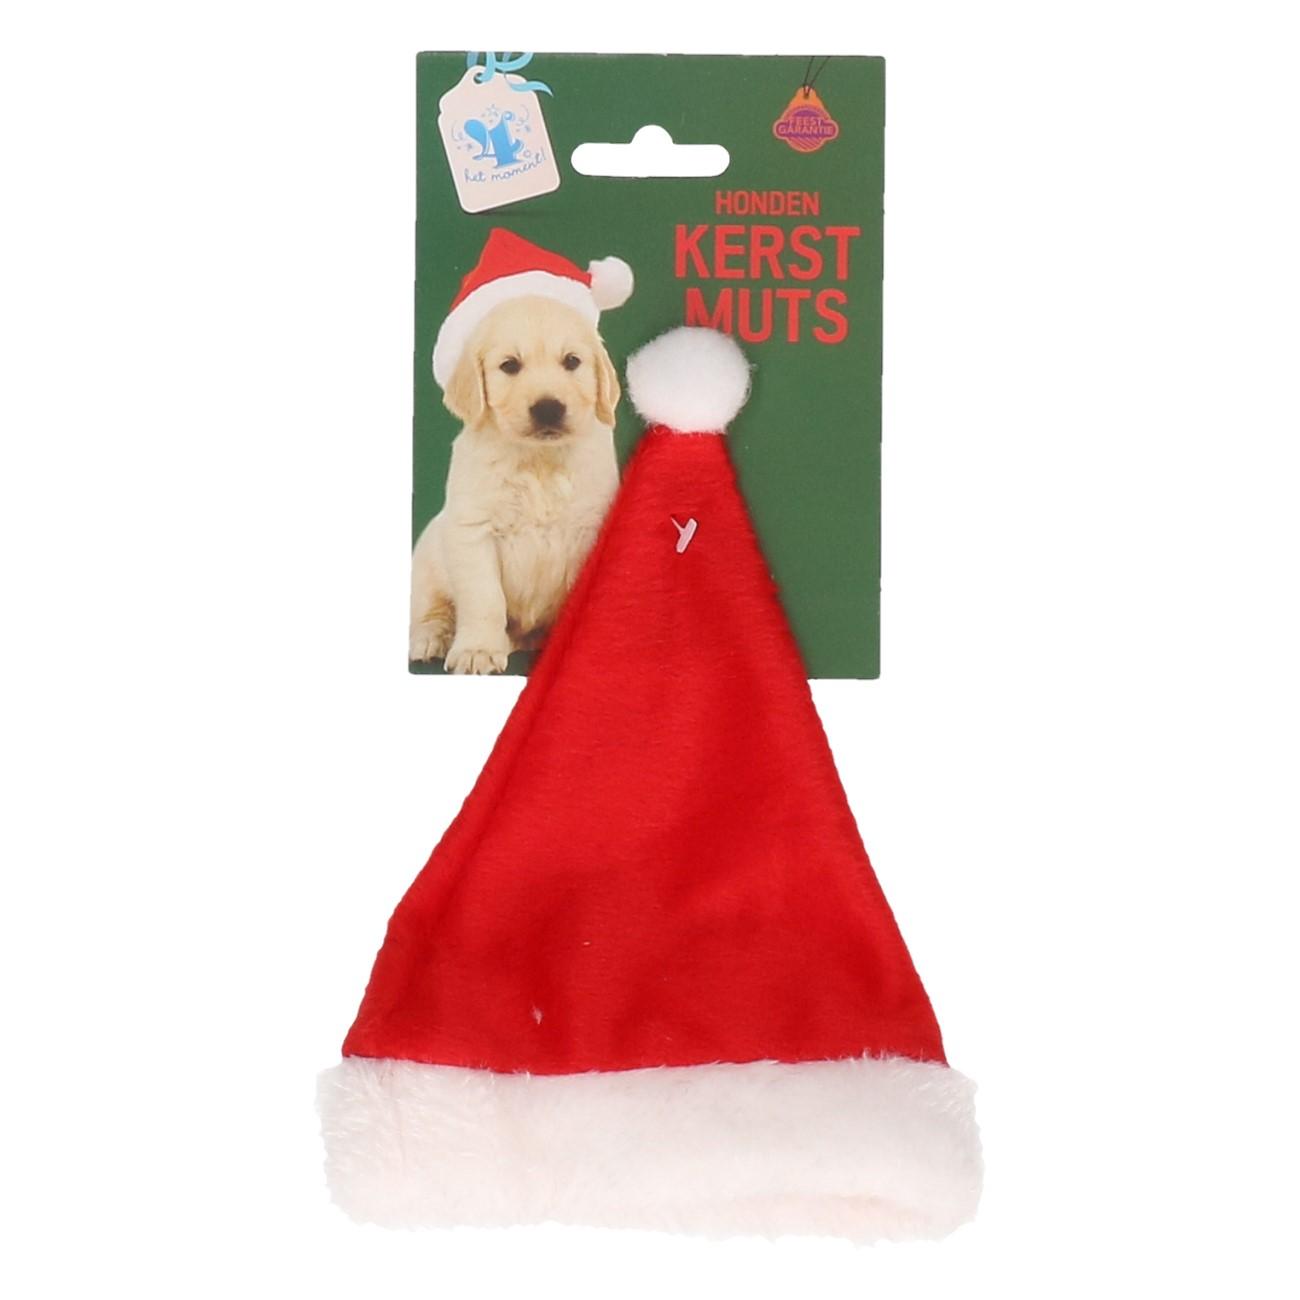 Honden kerstmuts